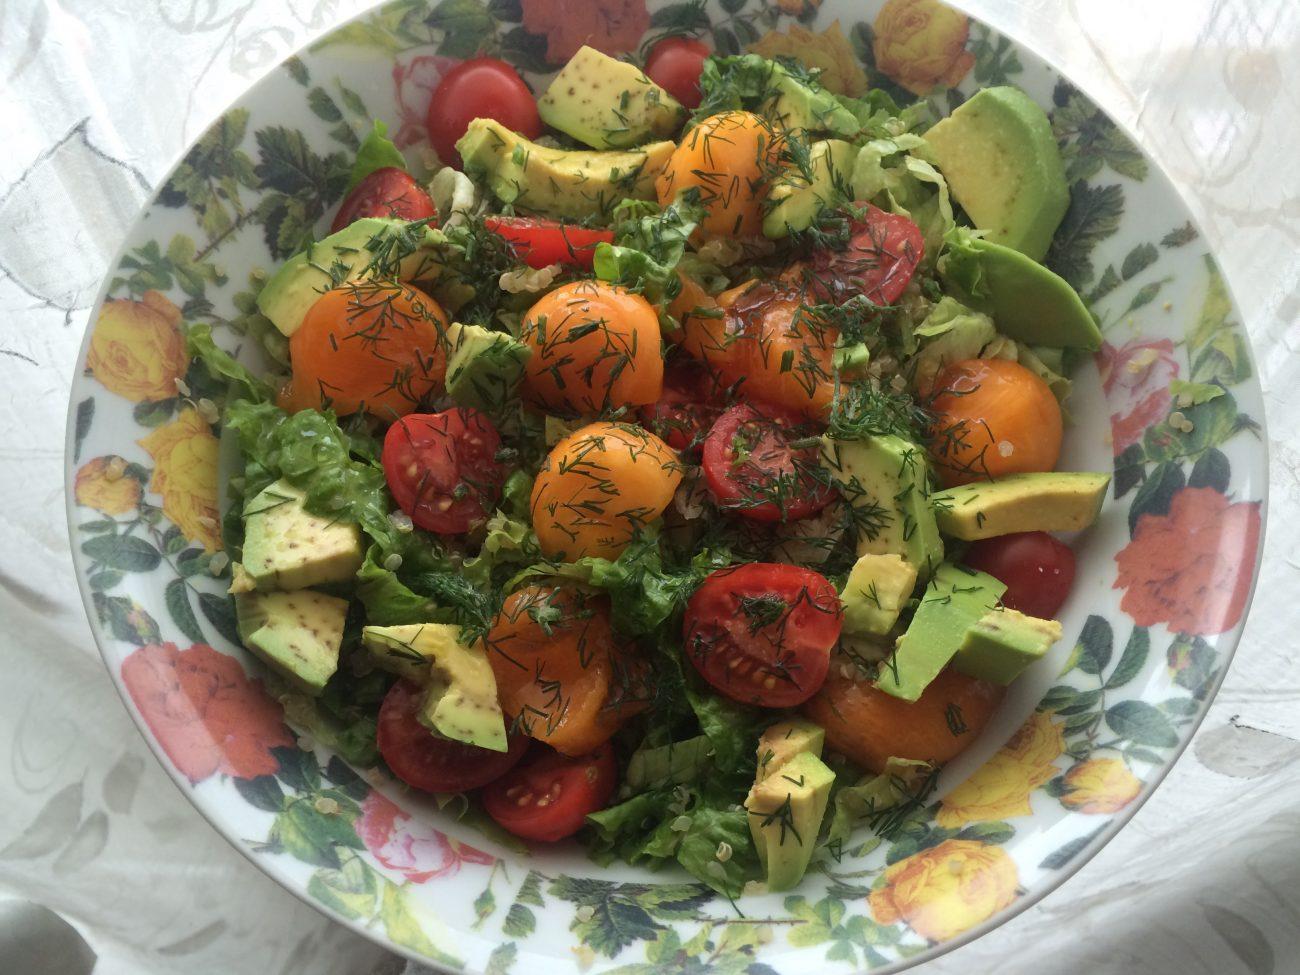 Πράσινη σαλάτα με κινόα και λωτό